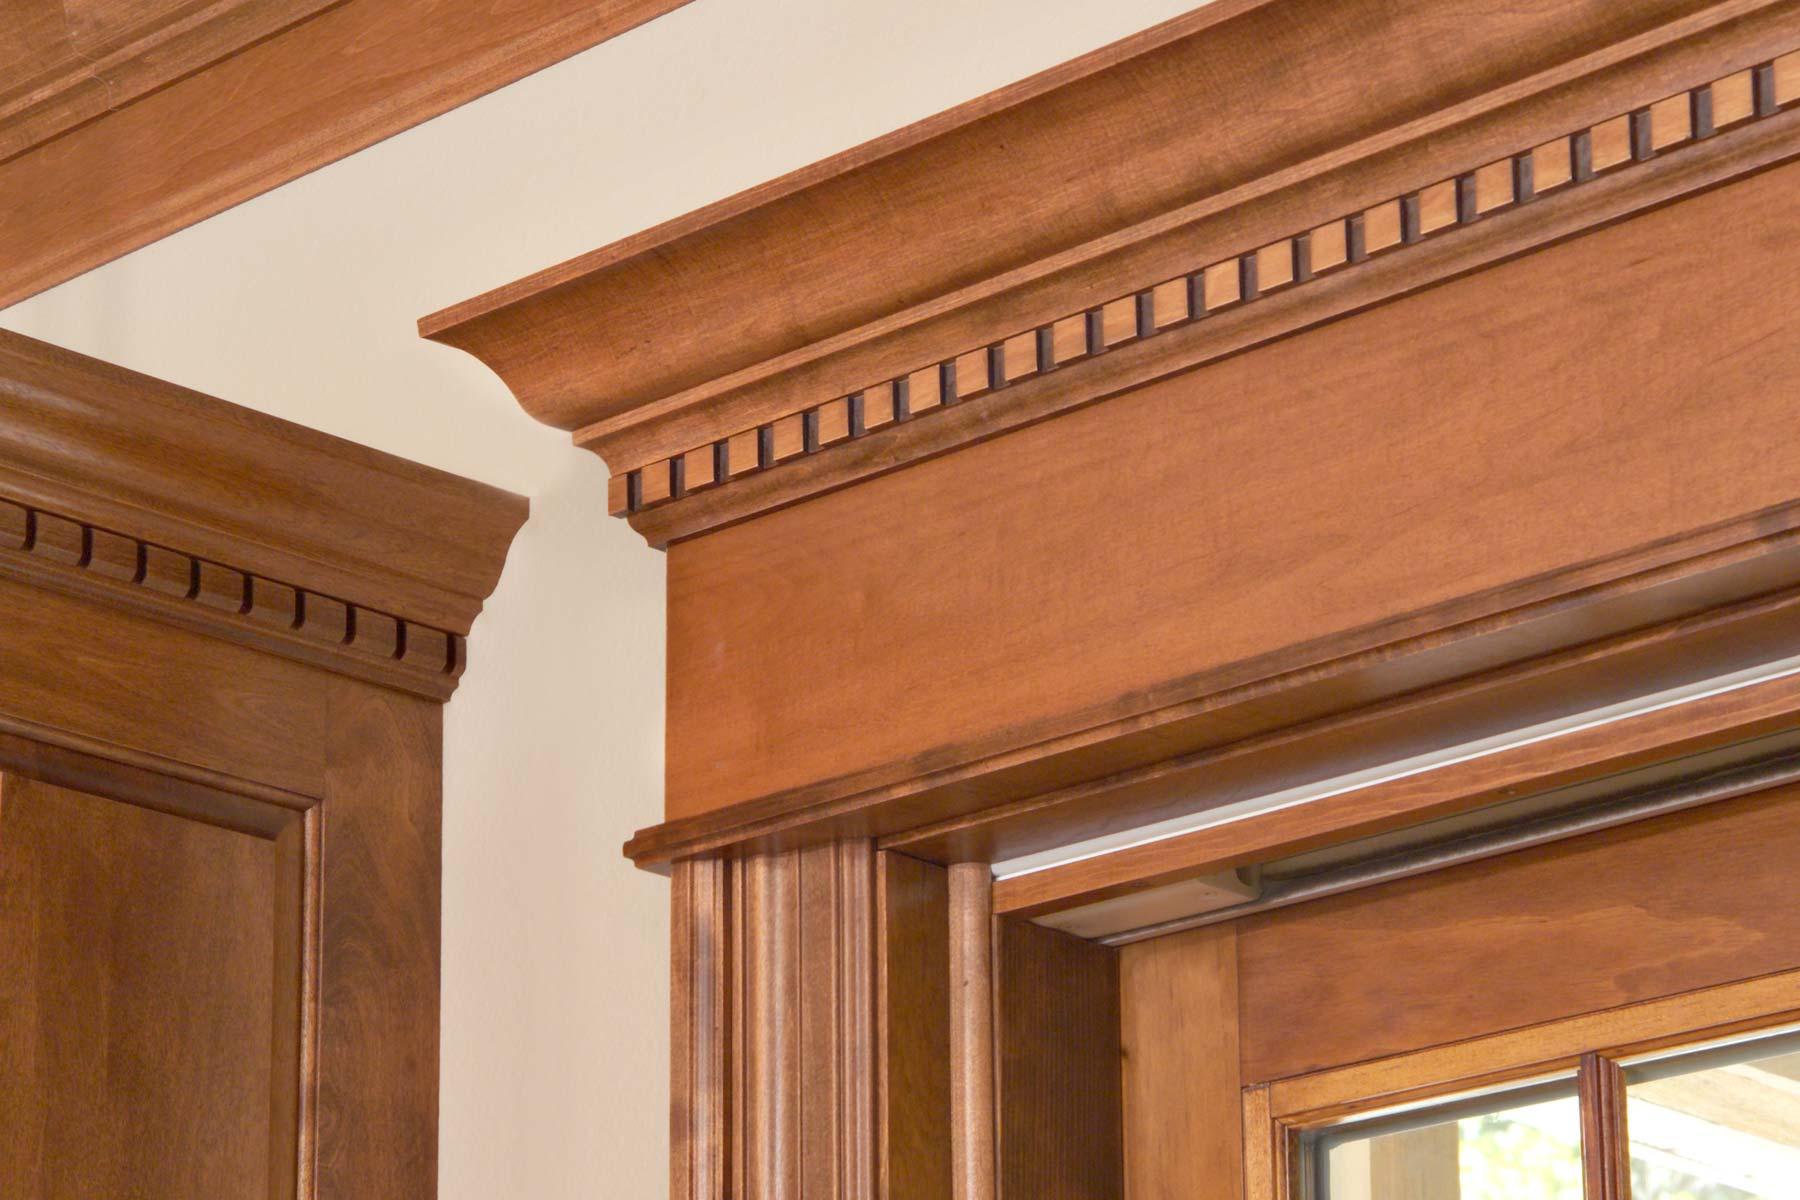 Fine hardwood door topper with a regal tone